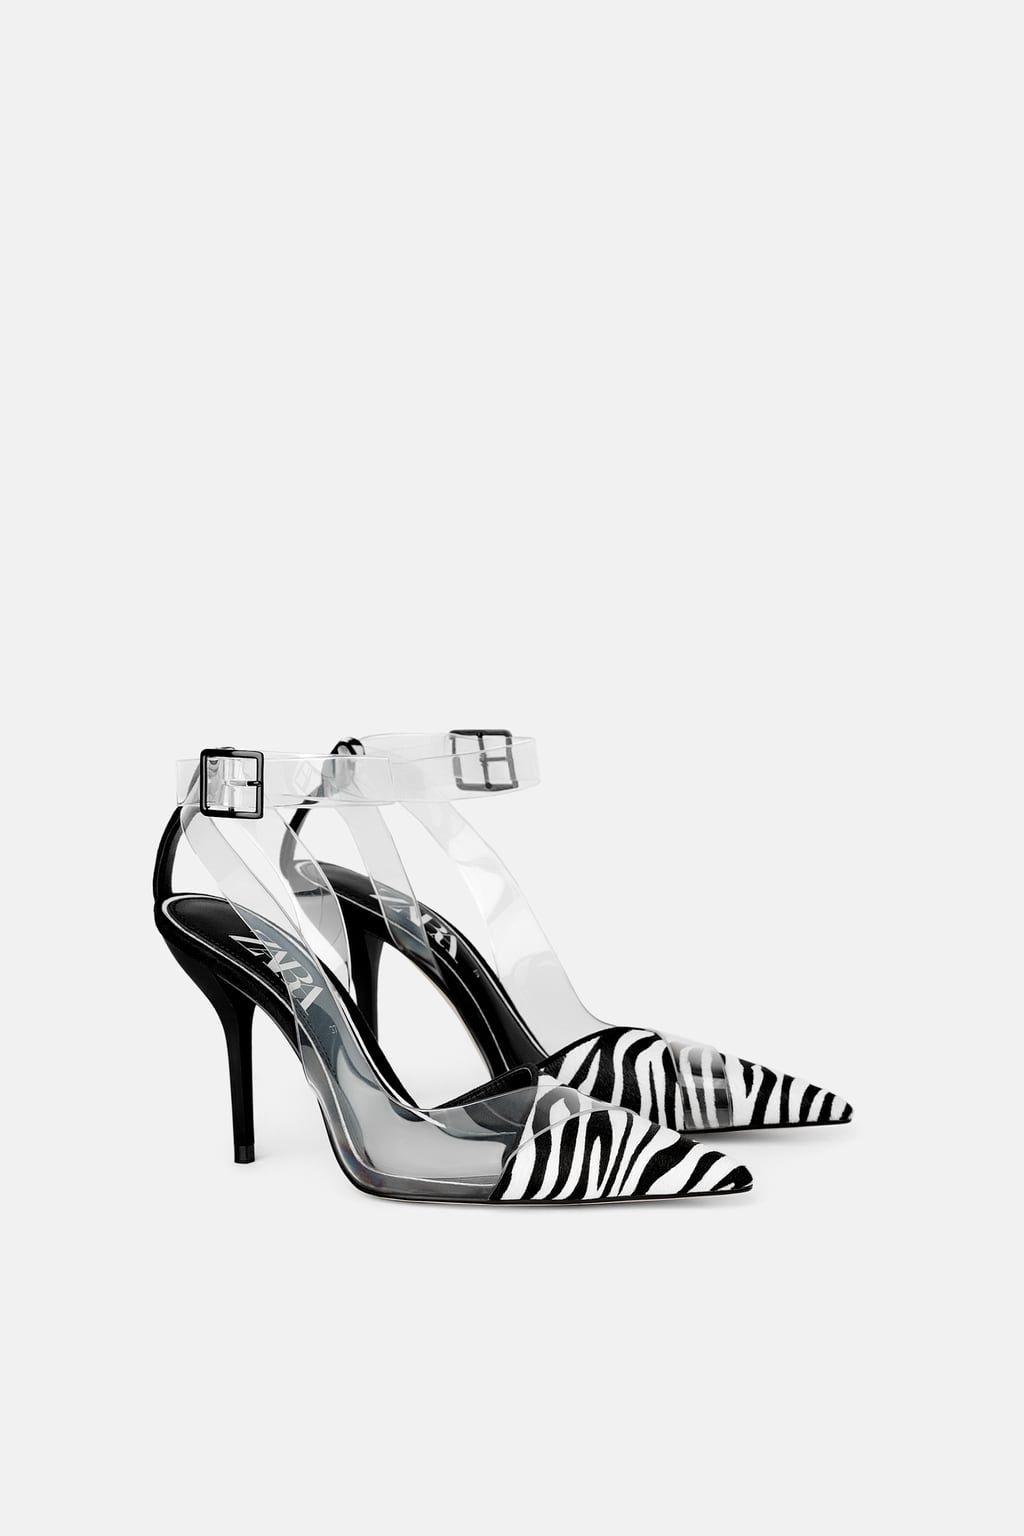 Zara O Zapatos Vinilo De Como Kardashian Letizia Los Kim FcKJuTl13